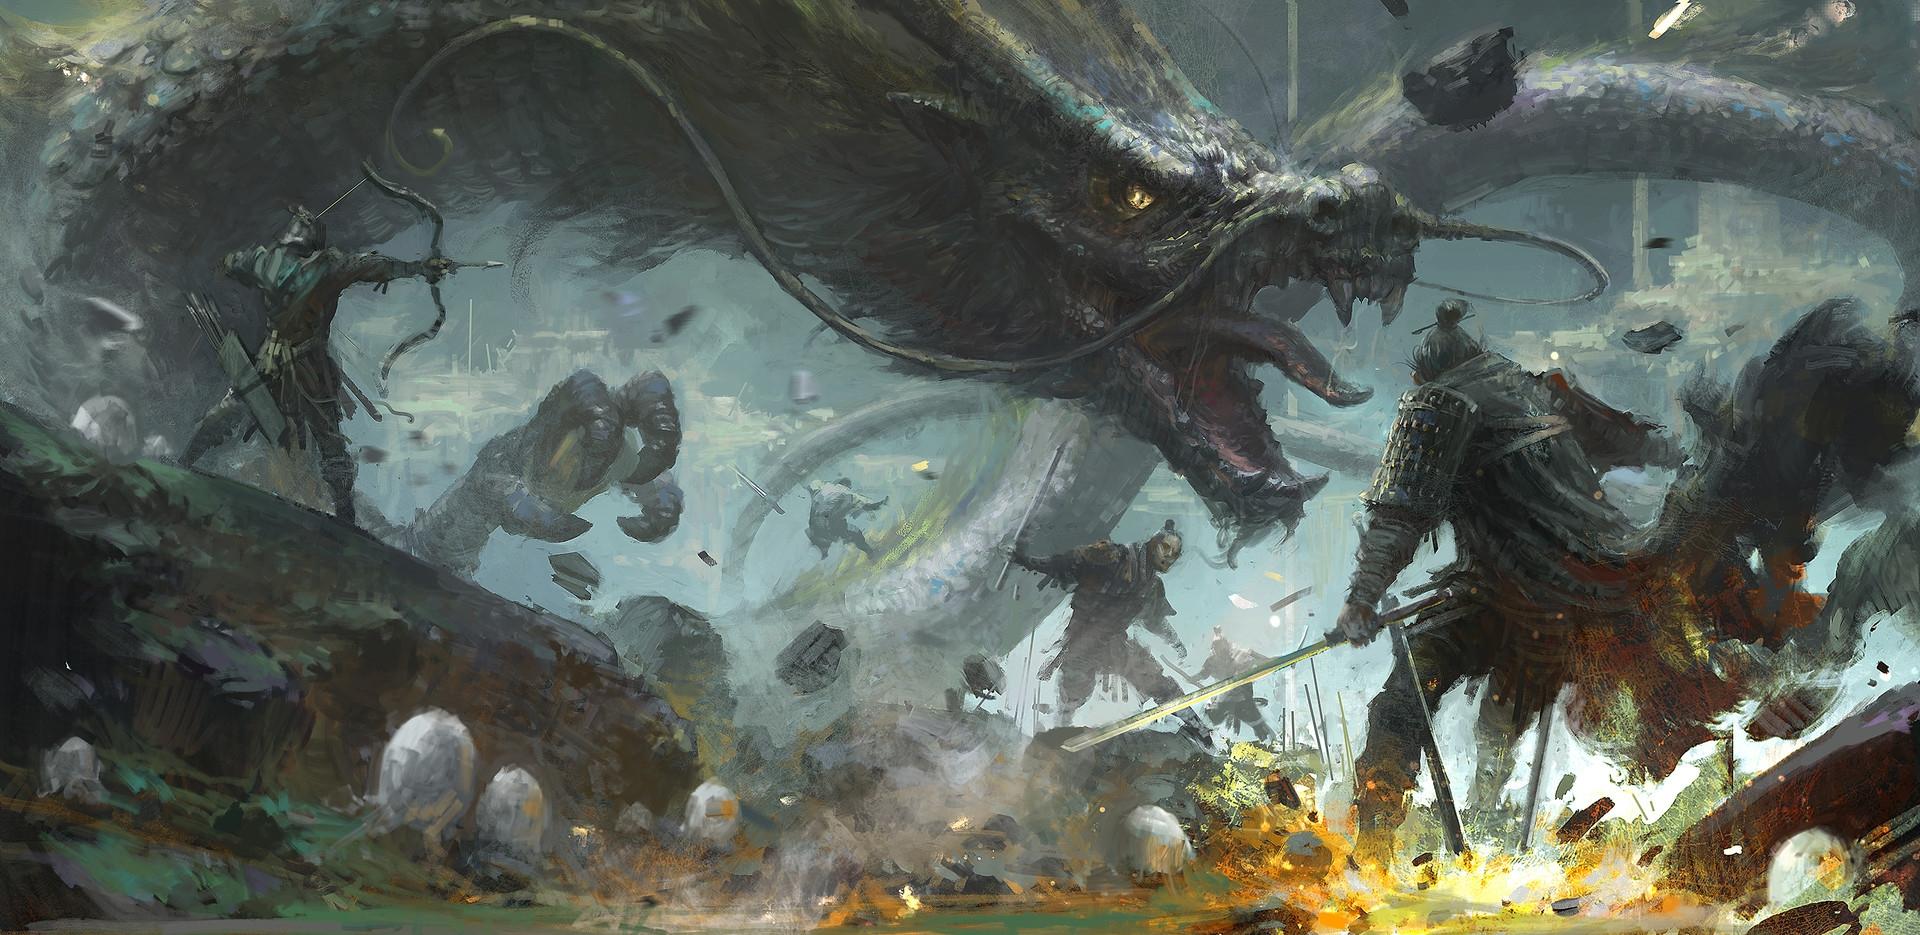 サムライ姿の兵士と戦う龍